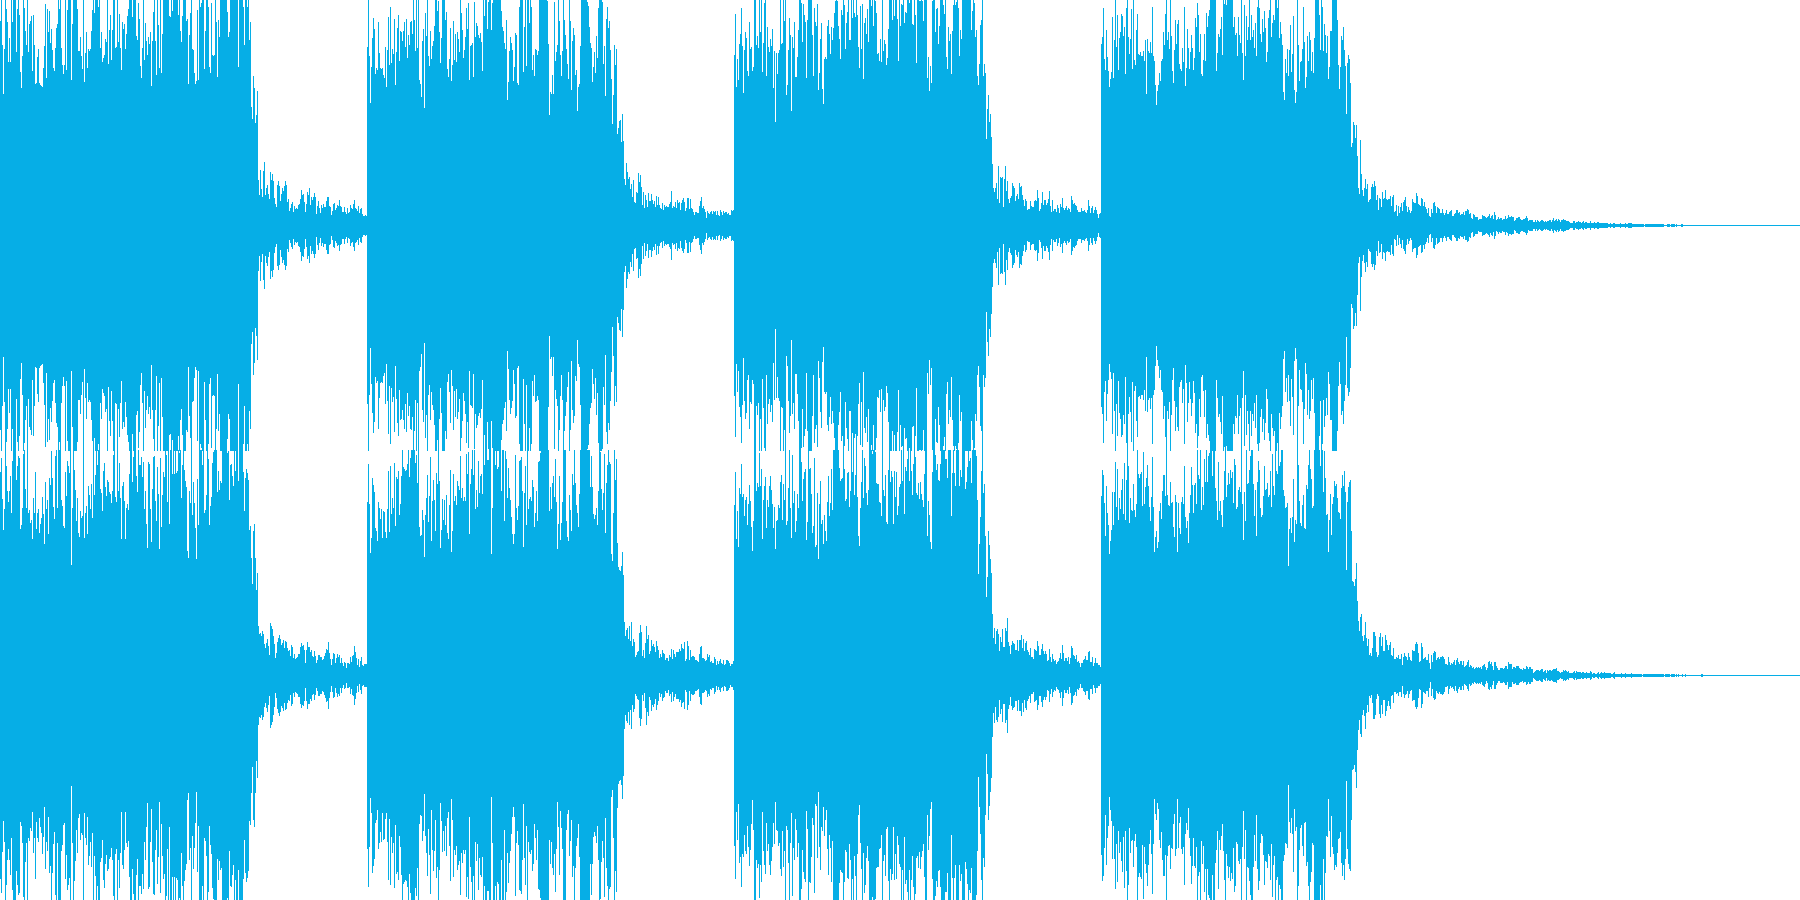 研究所などでの警報の再生済みの波形